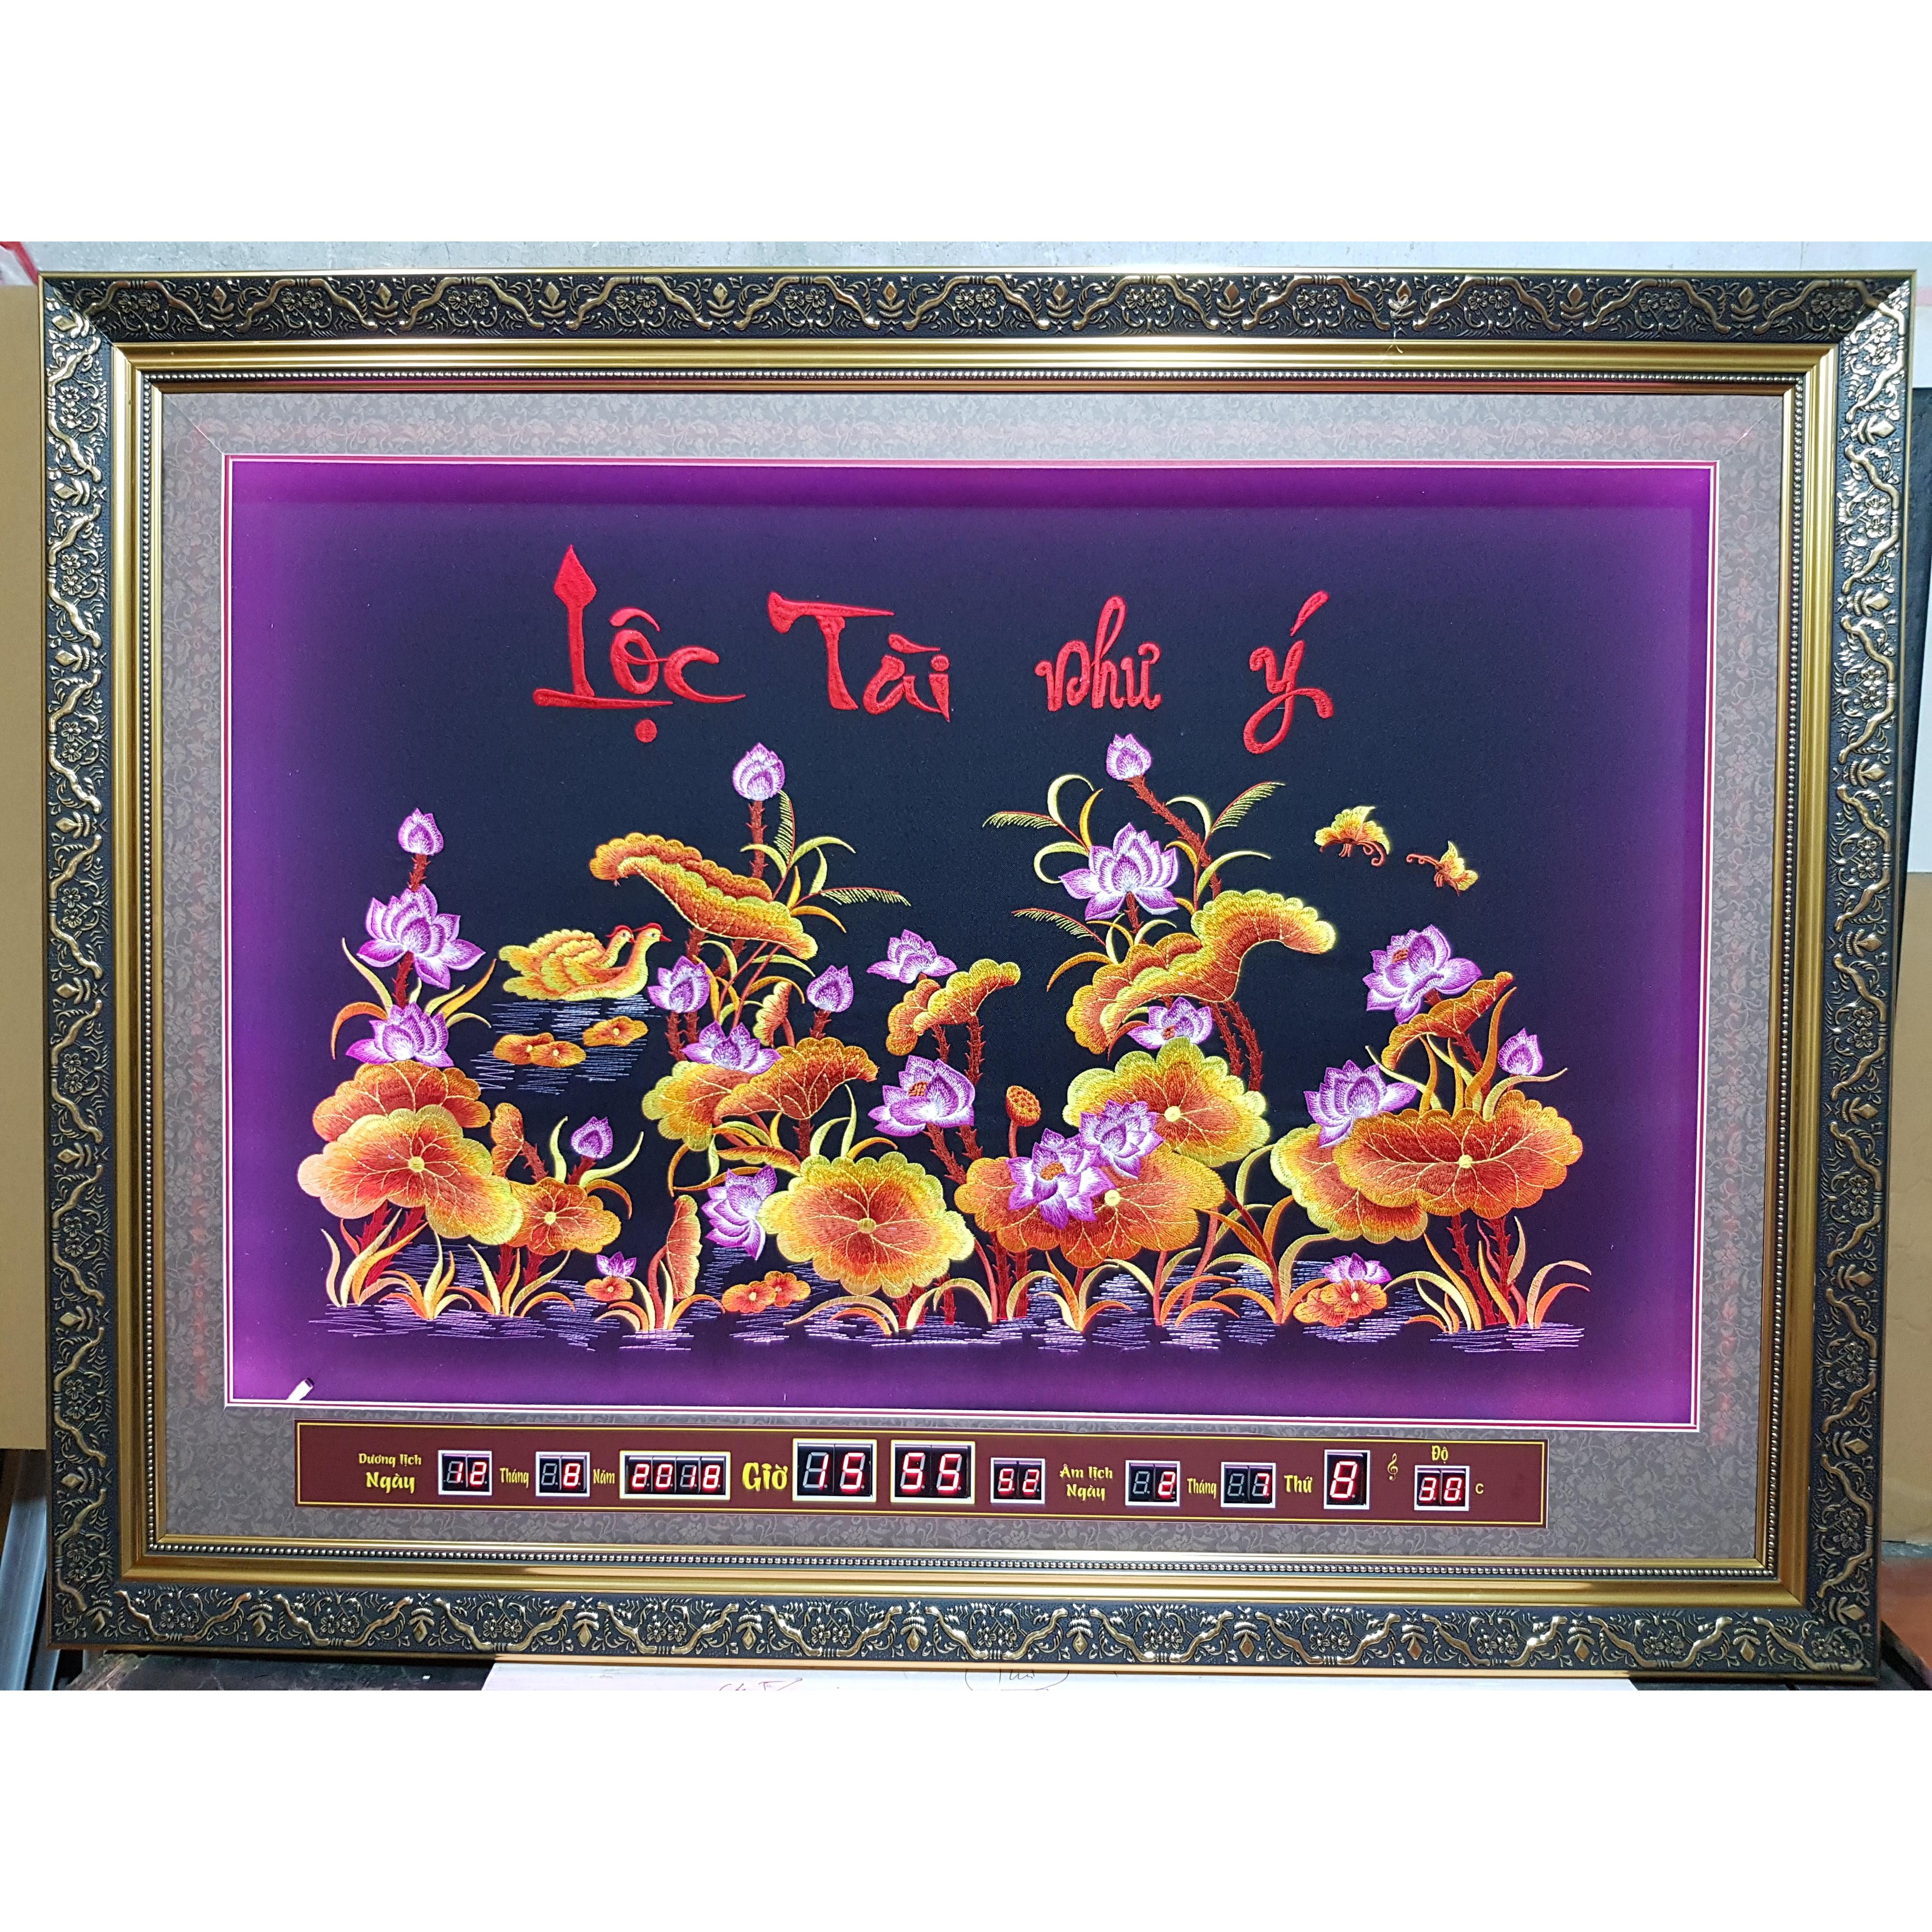 Tranh thêu sen vàng gắn đèn led + lịch vạn niên -2079 - 15608552 , 7279602029723 , 62_25888045 , 3900000 , Tranh-theu-sen-vang-gan-den-led-lich-van-nien-2079-62_25888045 , tiki.vn , Tranh thêu sen vàng gắn đèn led + lịch vạn niên -2079